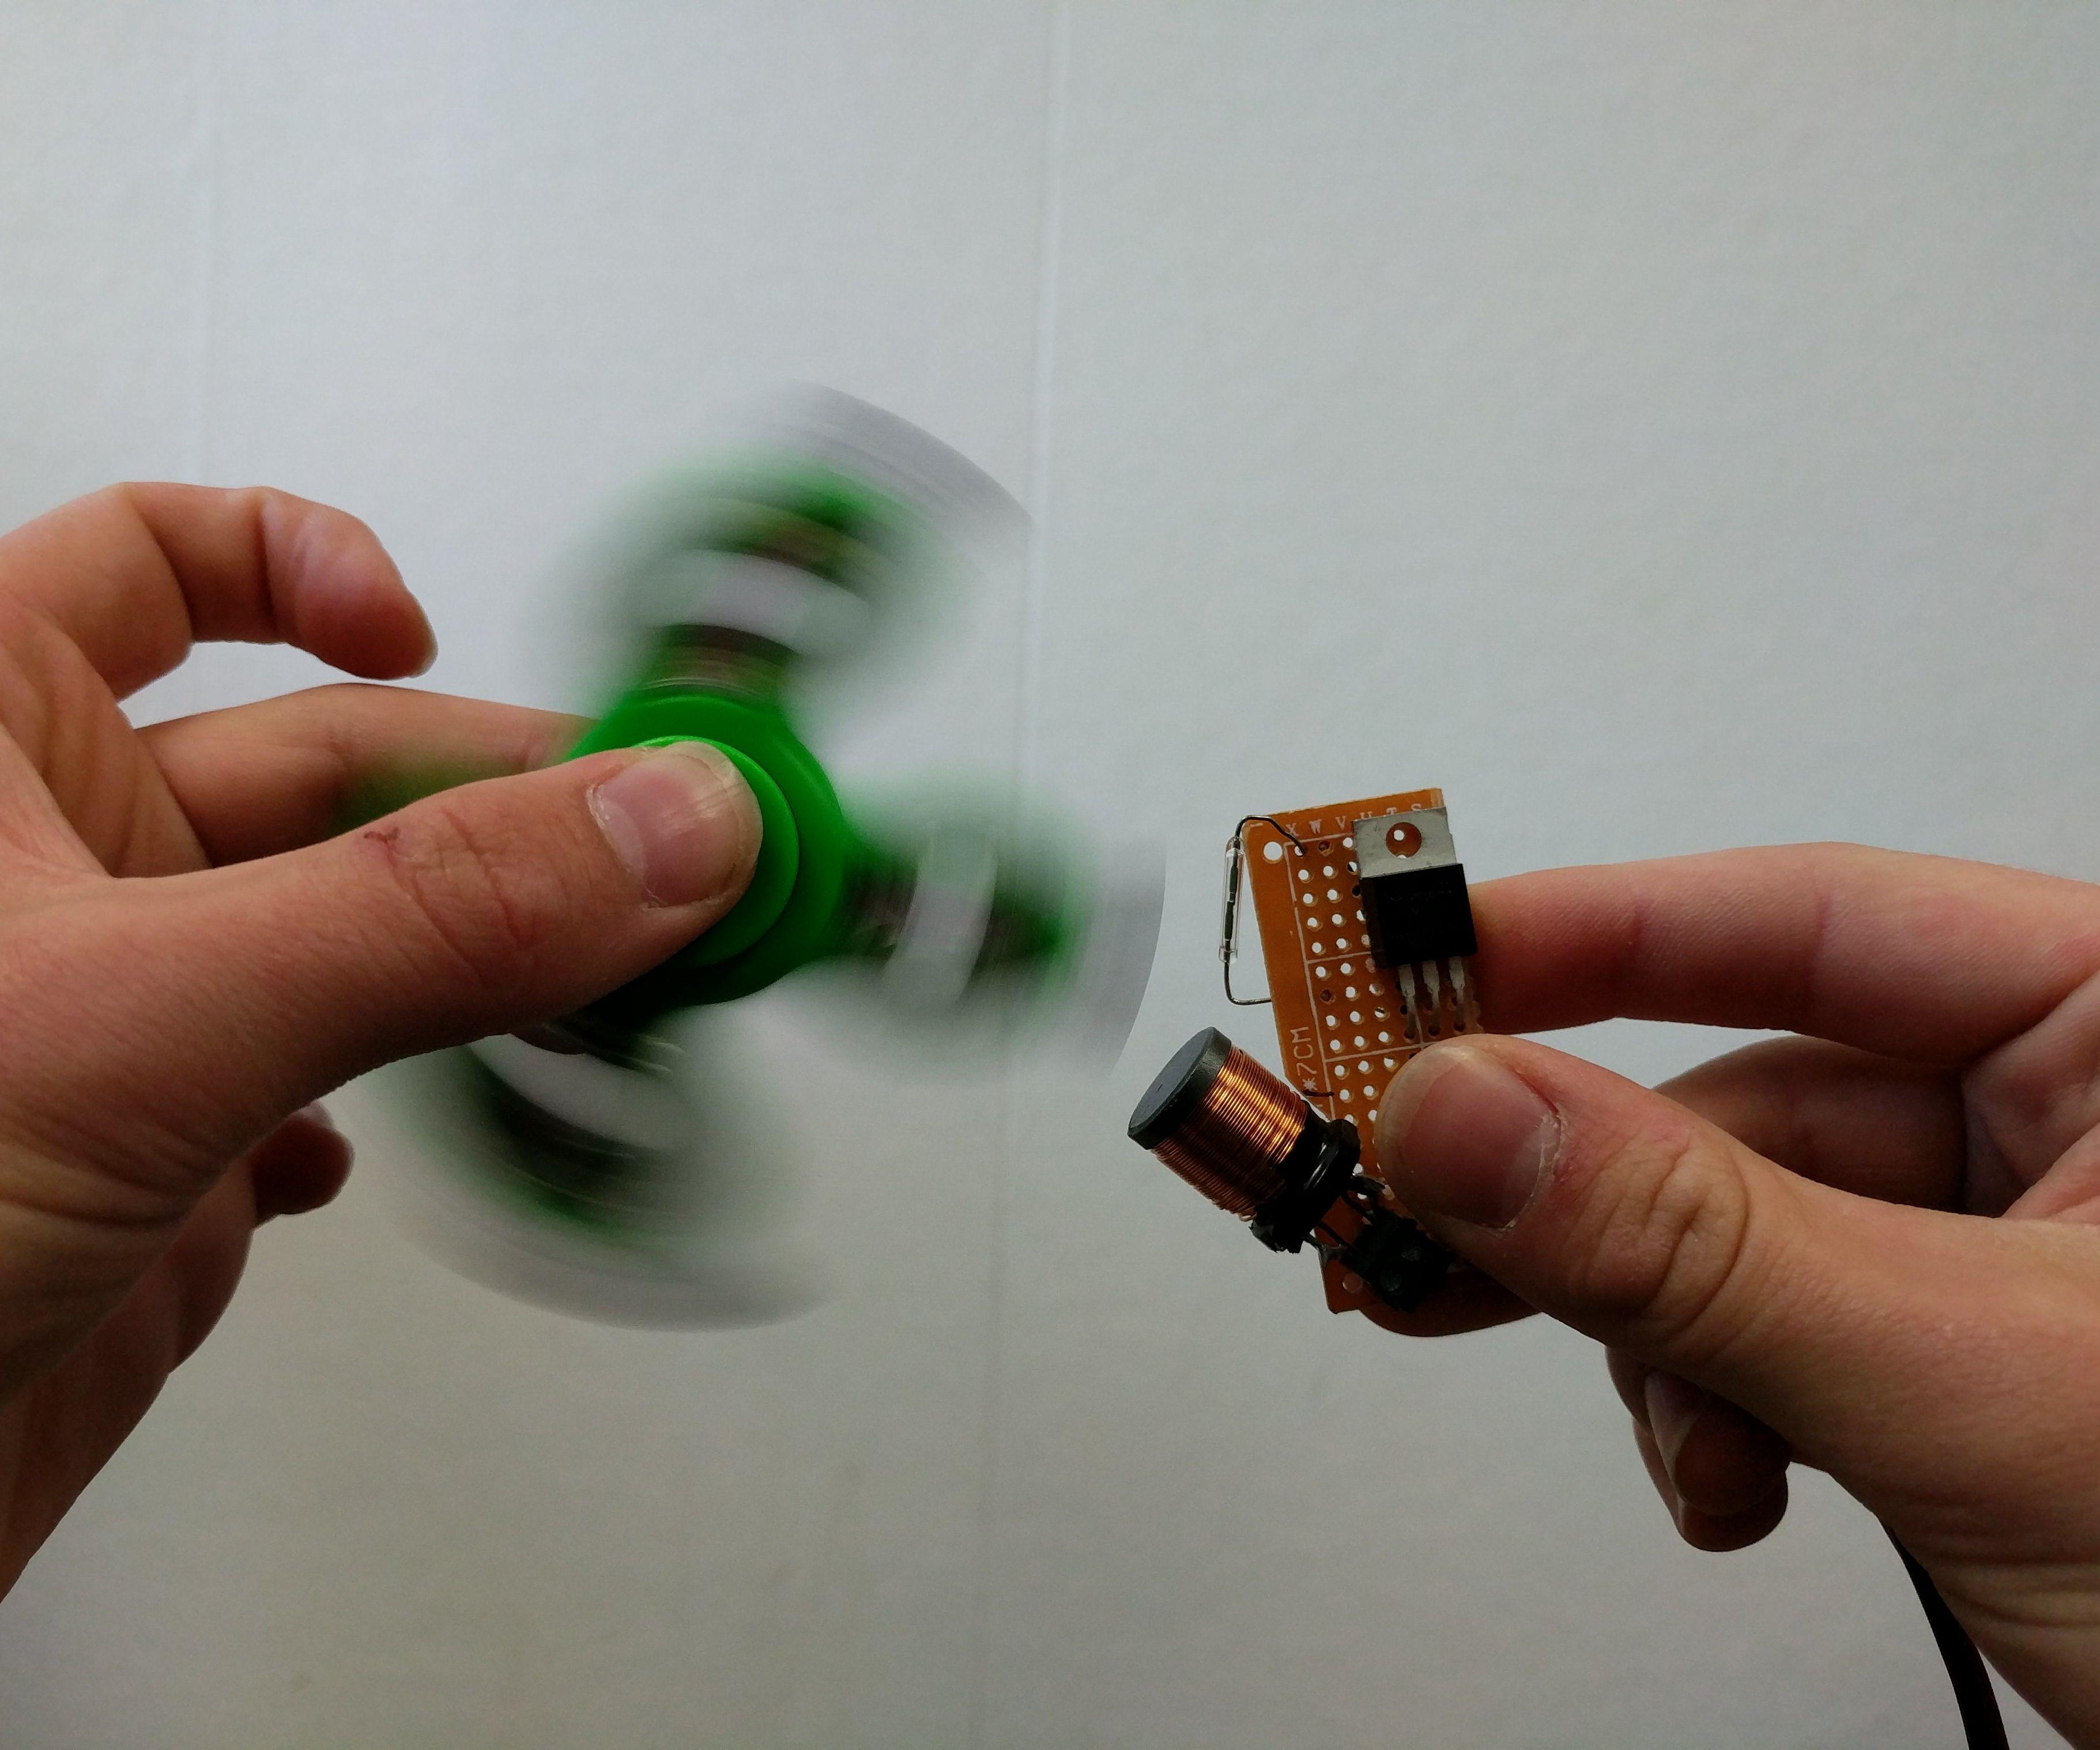 Electromagnetic Fidget Spinner Accelerator